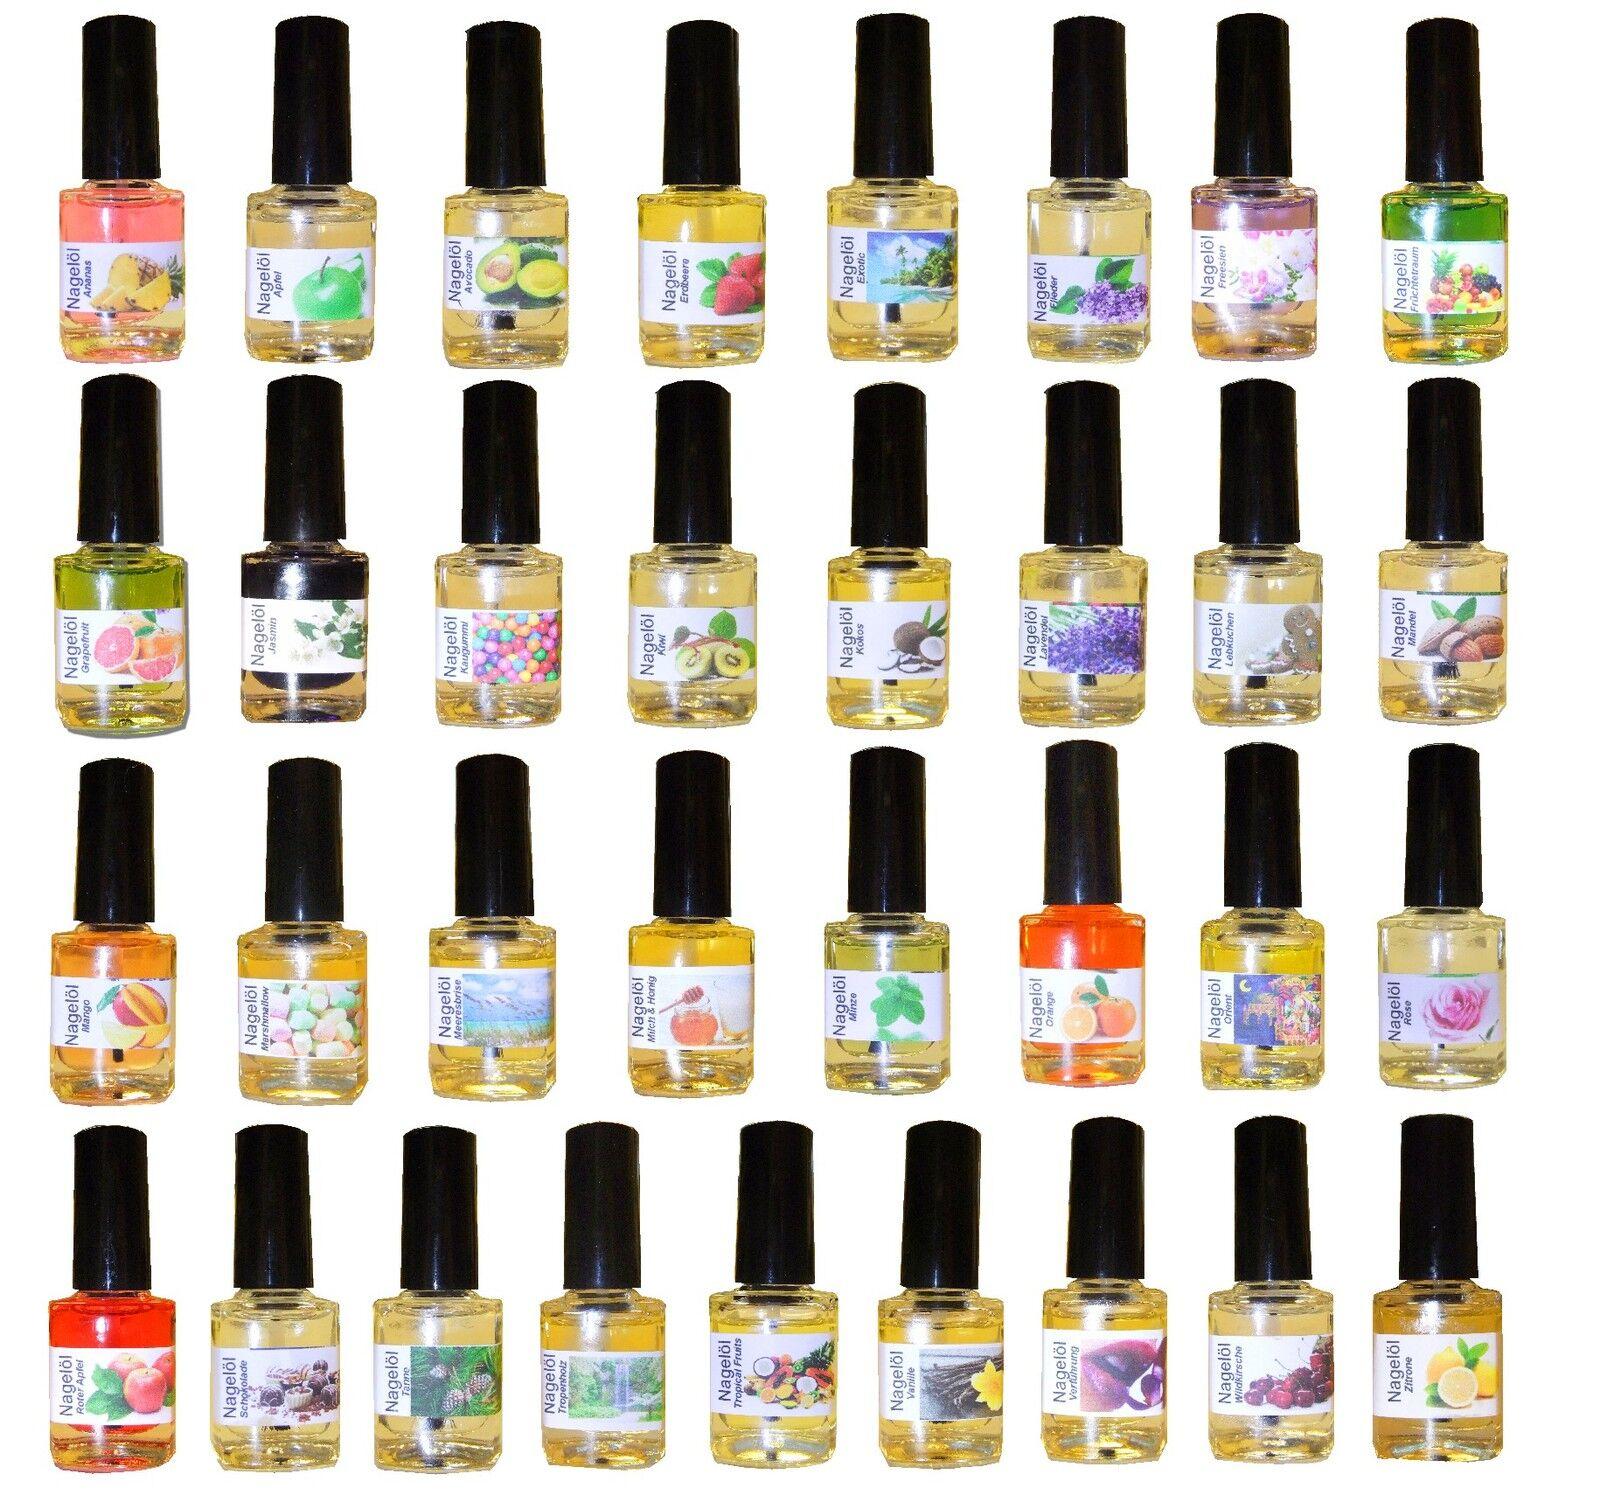 Olio per la cura,Olio per unghie,Cura della cuticola,alta qualità Aromi in